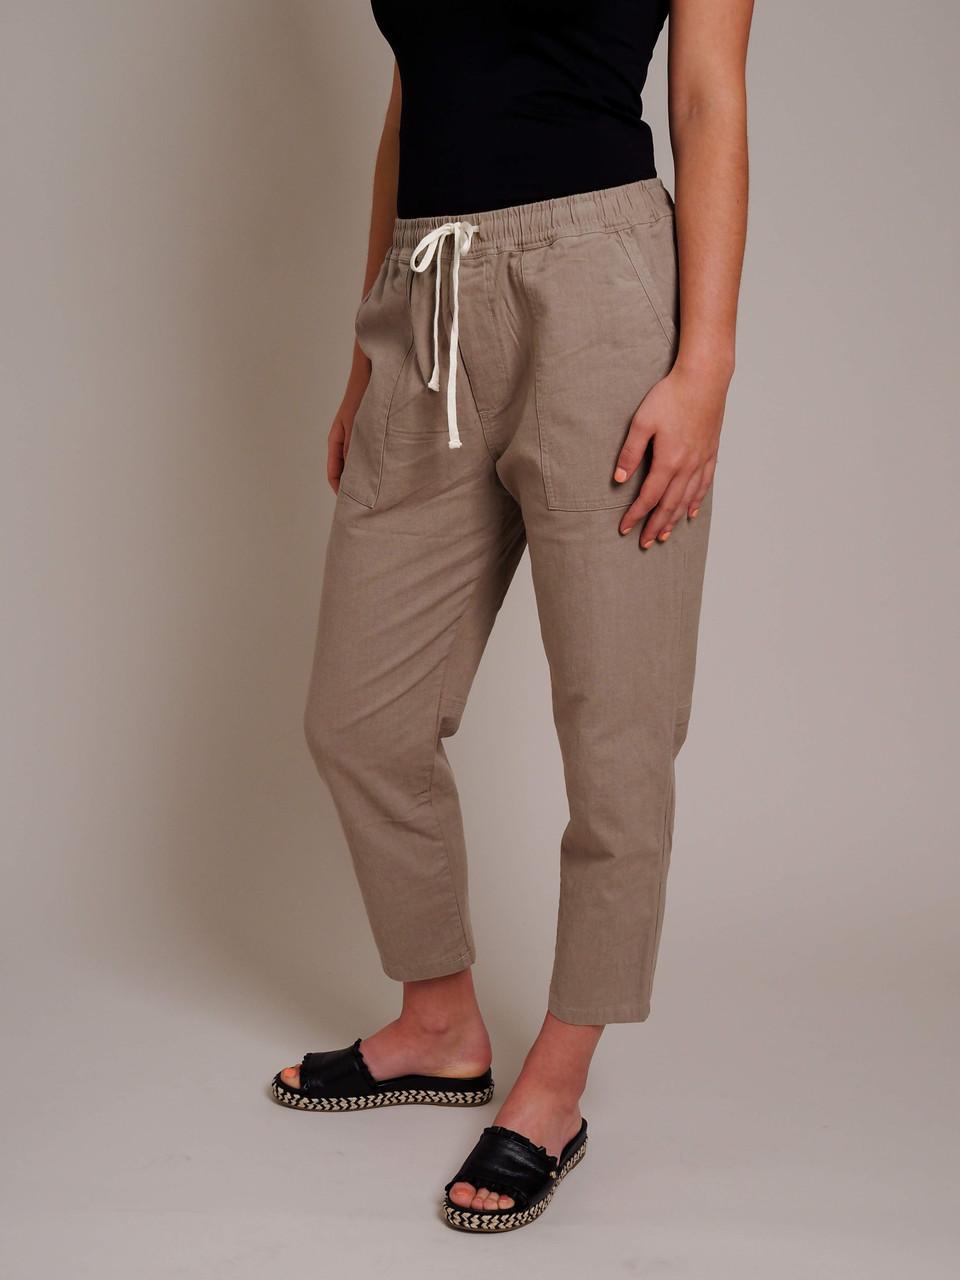 khaki brown drawstring pants